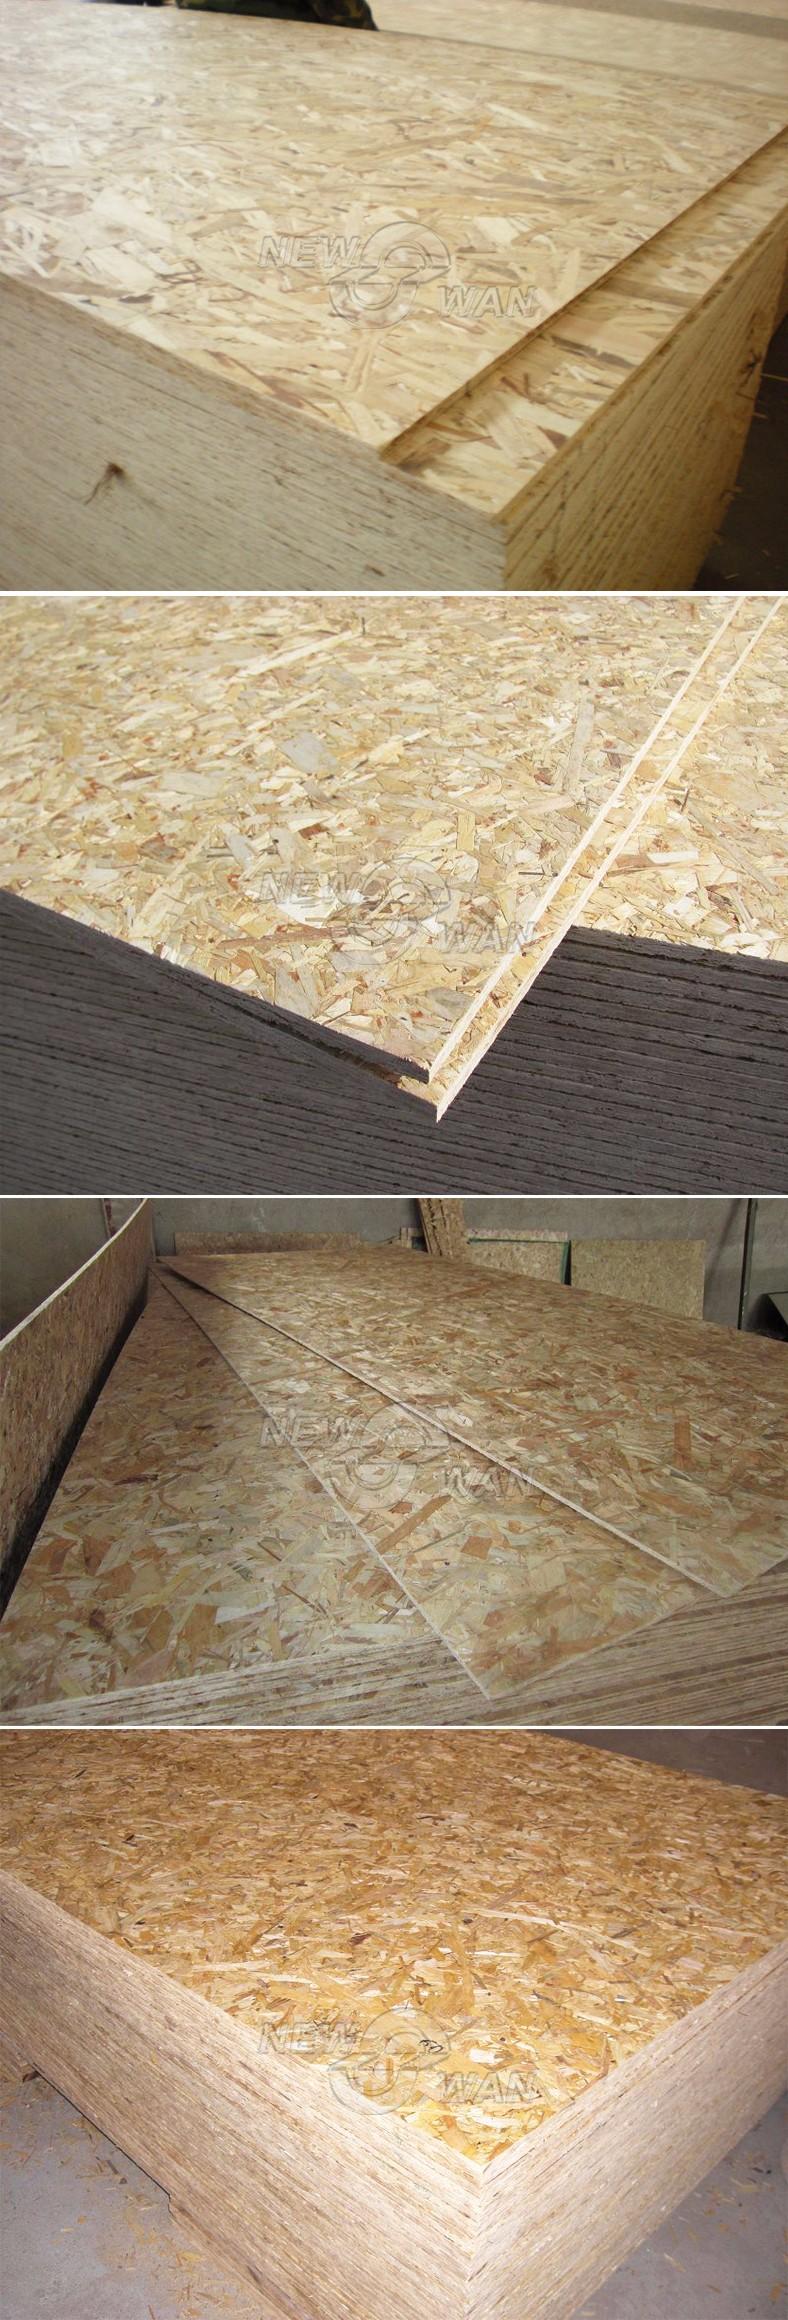 china osb panel 30mm osb osb prices buy 30mm osb. Black Bedroom Furniture Sets. Home Design Ideas